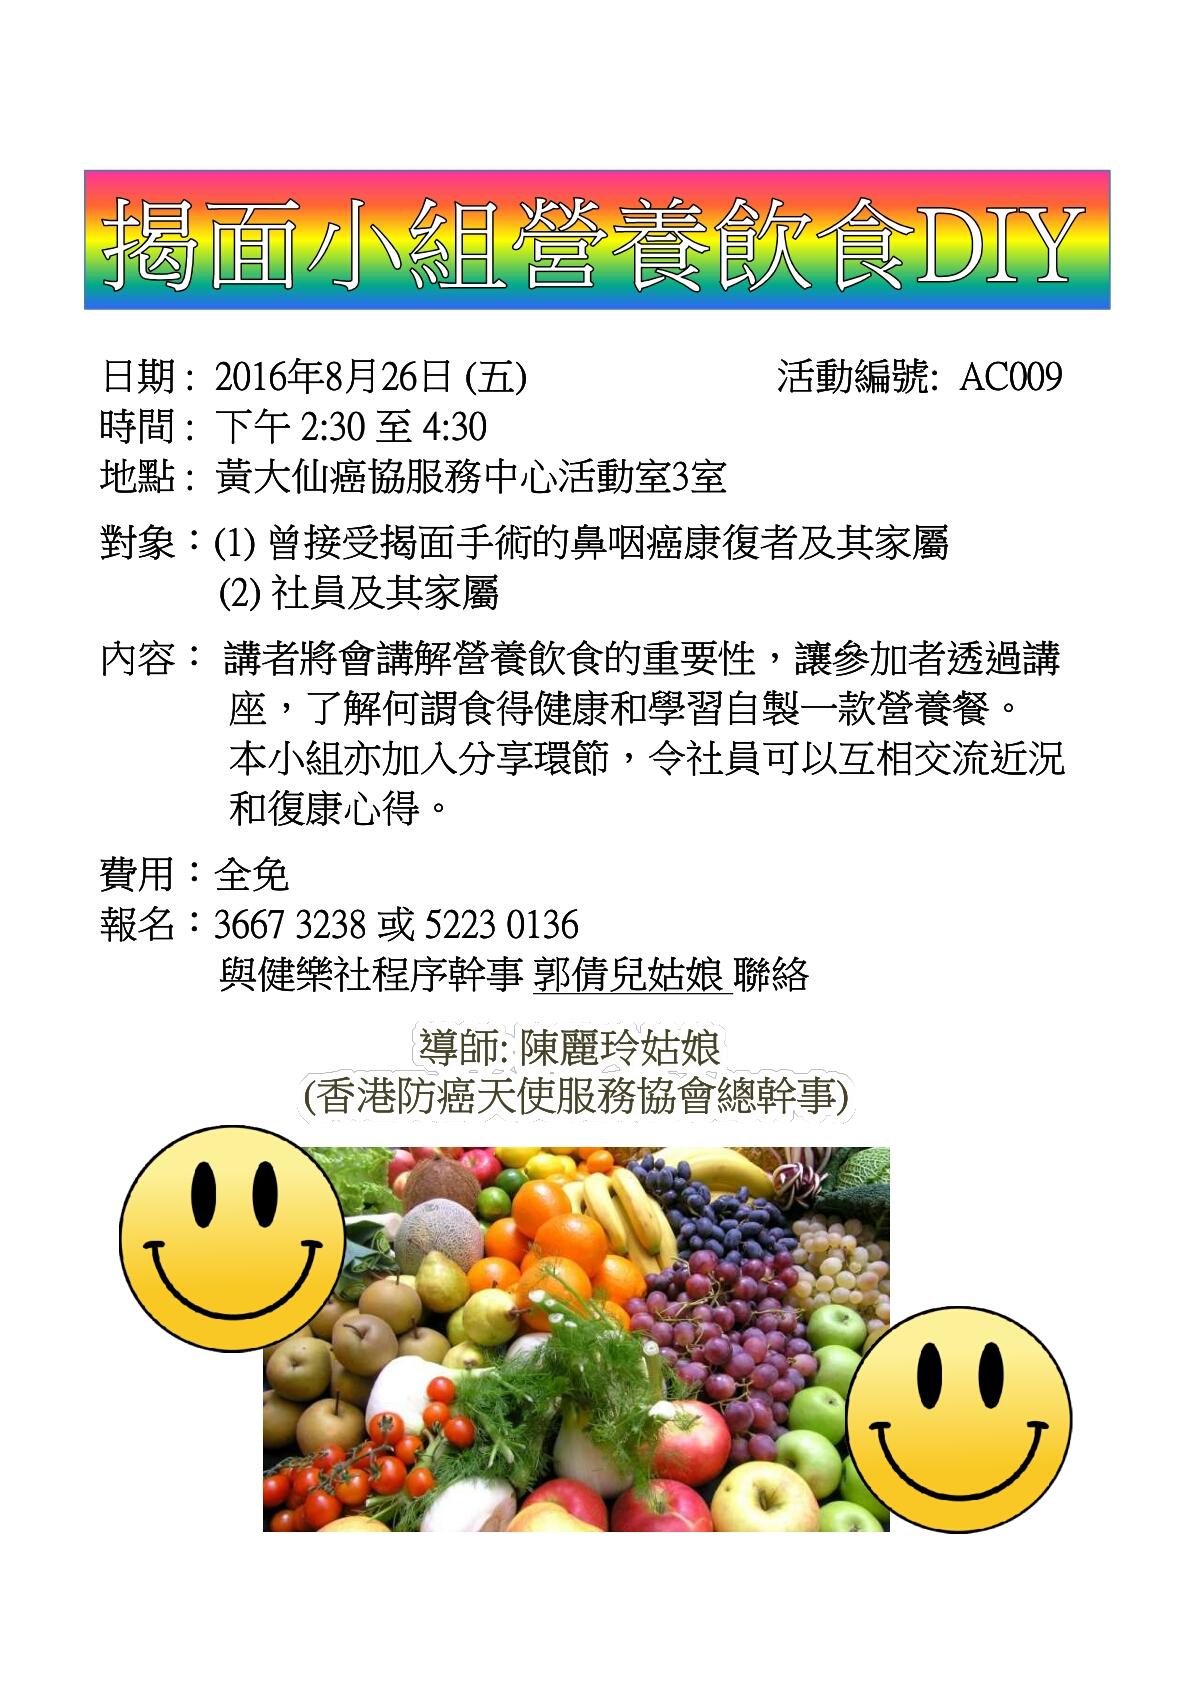 [1]揭面小組營養飲食DIY_AC009